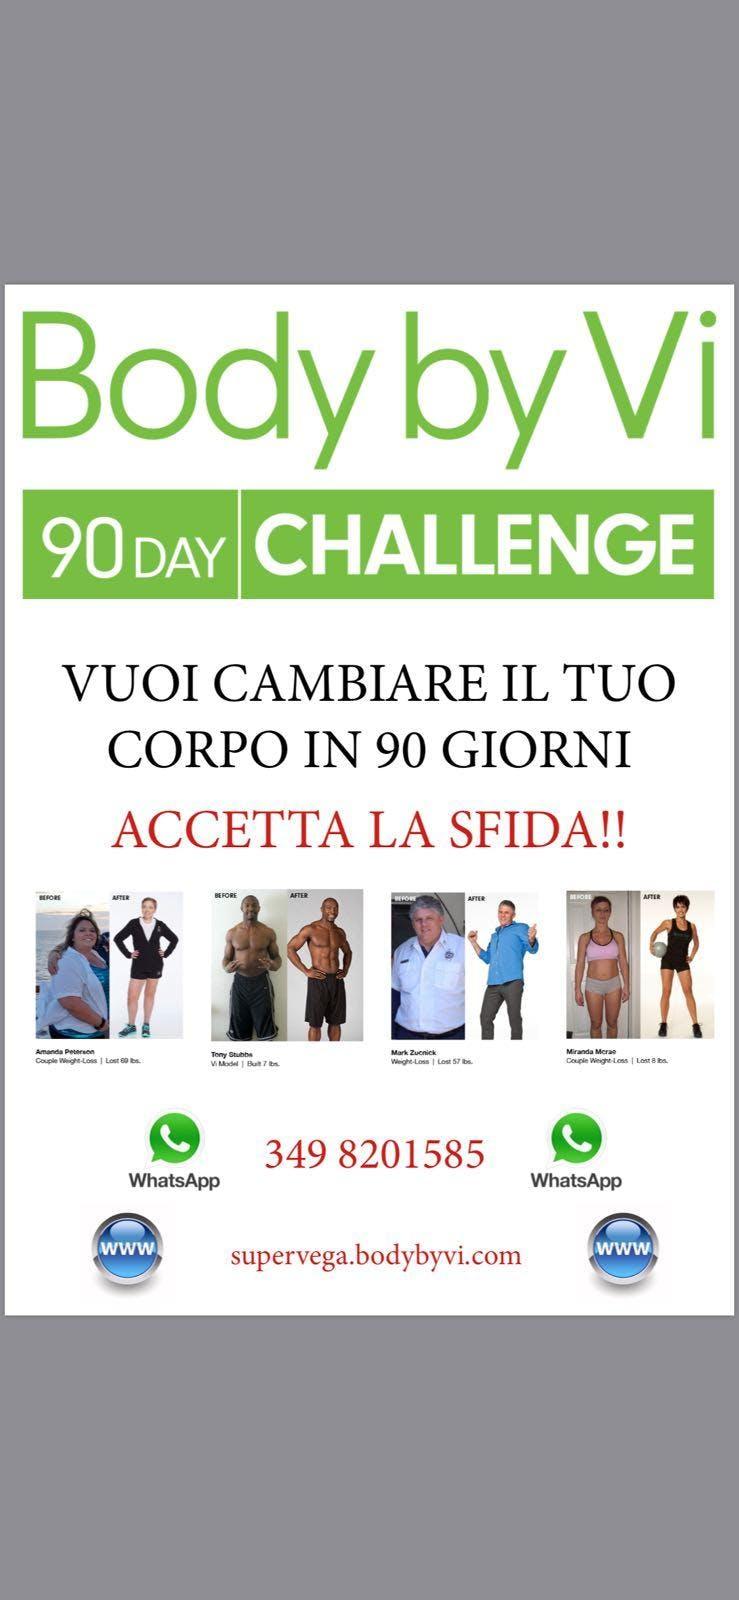 The Challenge La Sfida Dei 90 Giorni